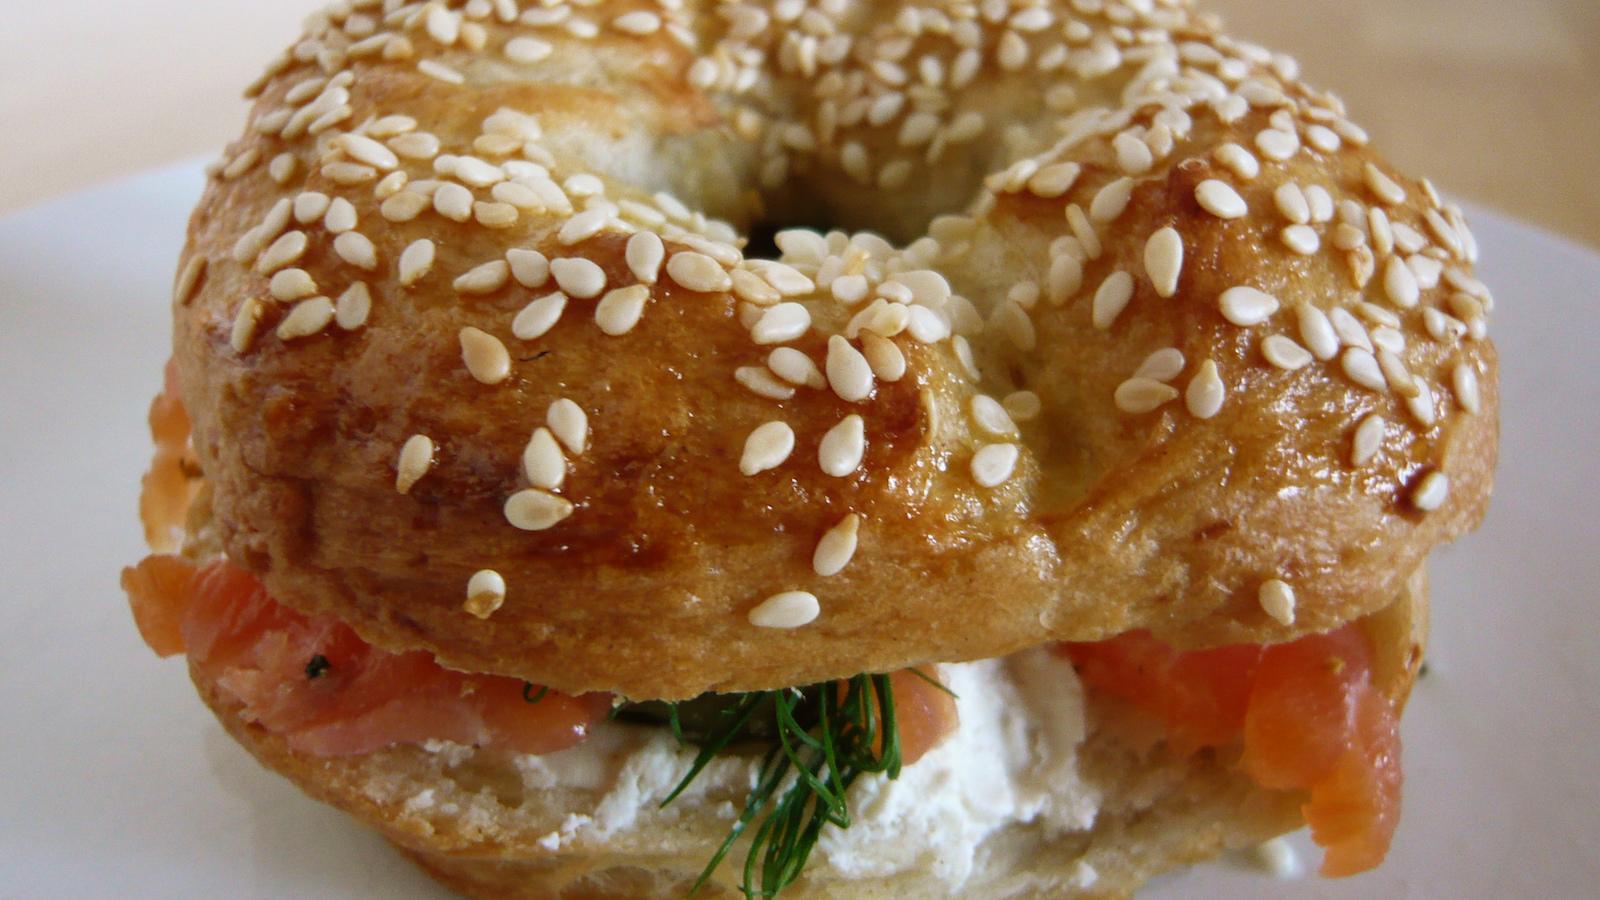 lox on bagel